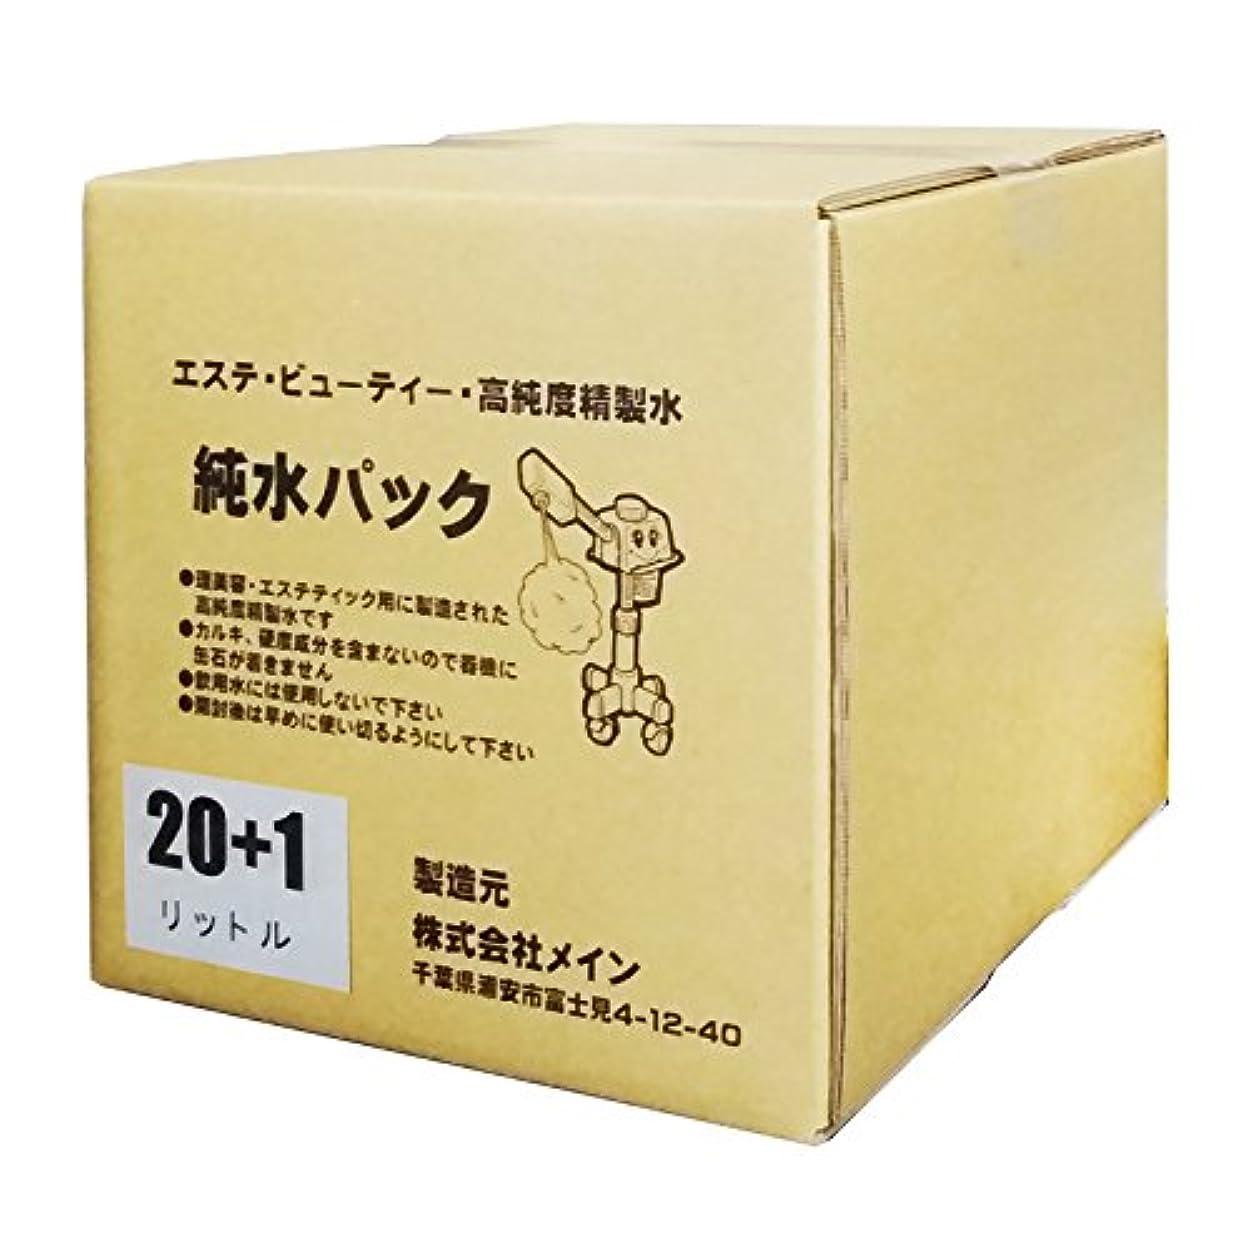 テクスチャーシングルたまに増量中 21L 高純度 精製水 20 L + 1L 純水パック コック付 日本製 エステ スチーマー (1個)